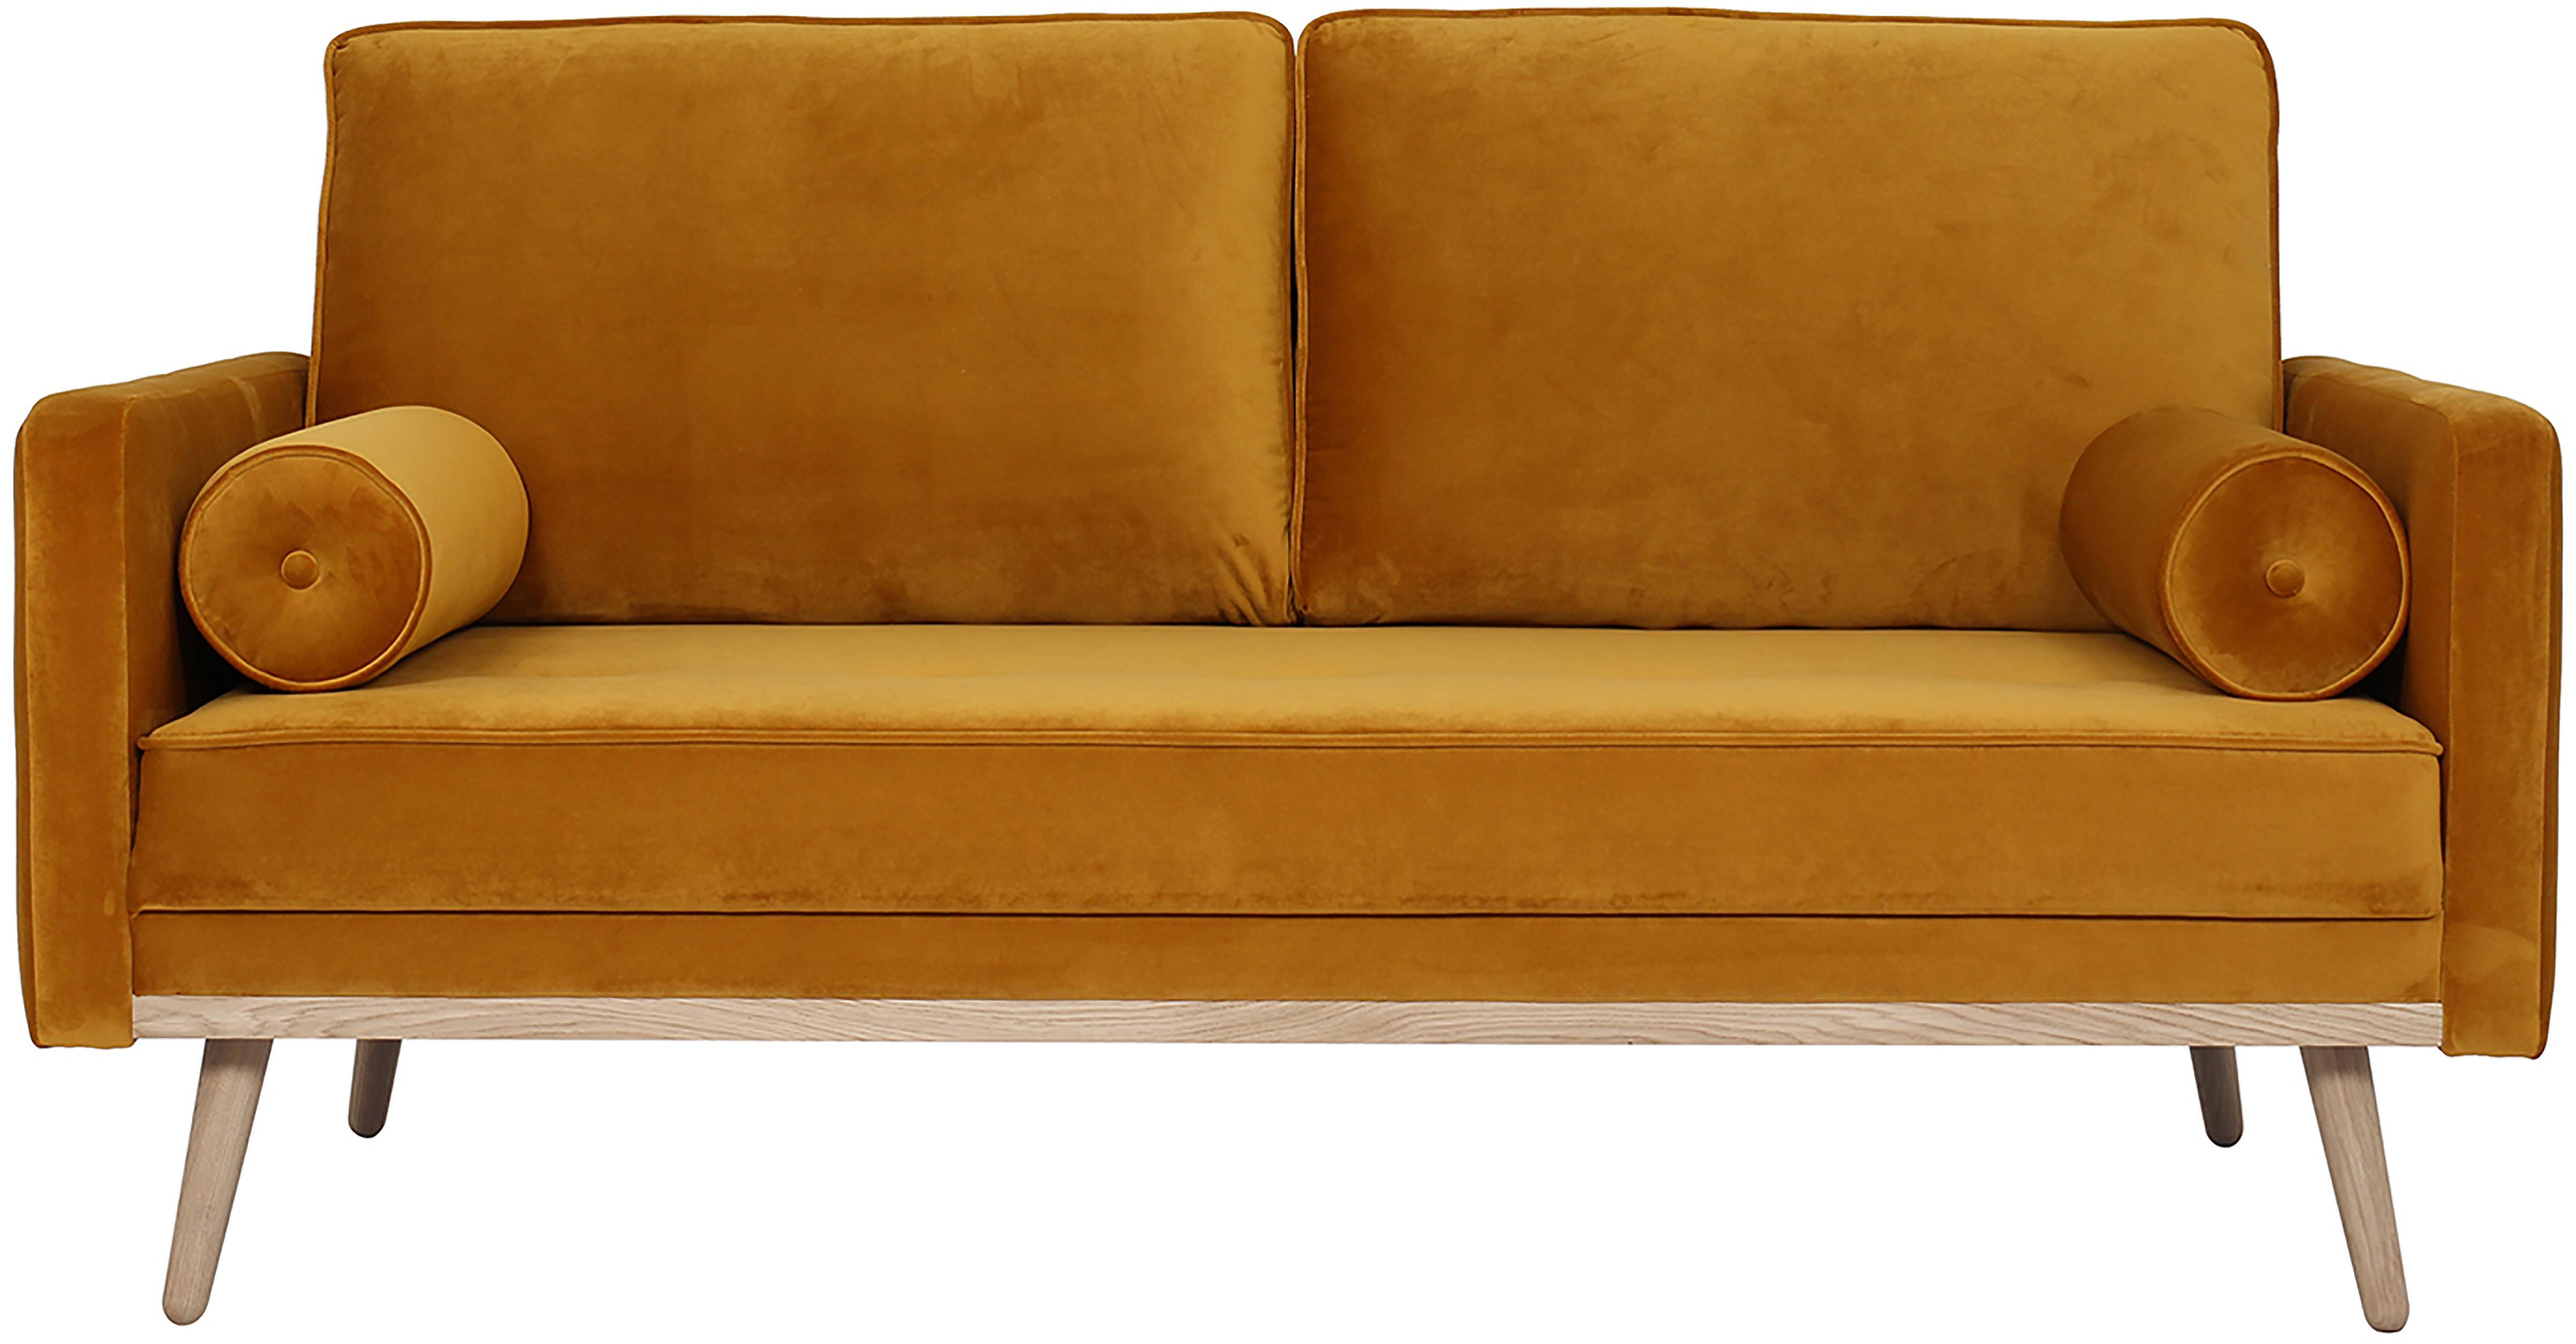 Divano 2 posti in velluto giallo senape Saint, Rivestimento: velluto (poliestere) 35.0, Struttura: legno di pino massiccio, , Velluto giallo senape, Larg. 169 x Prof. 87 cm